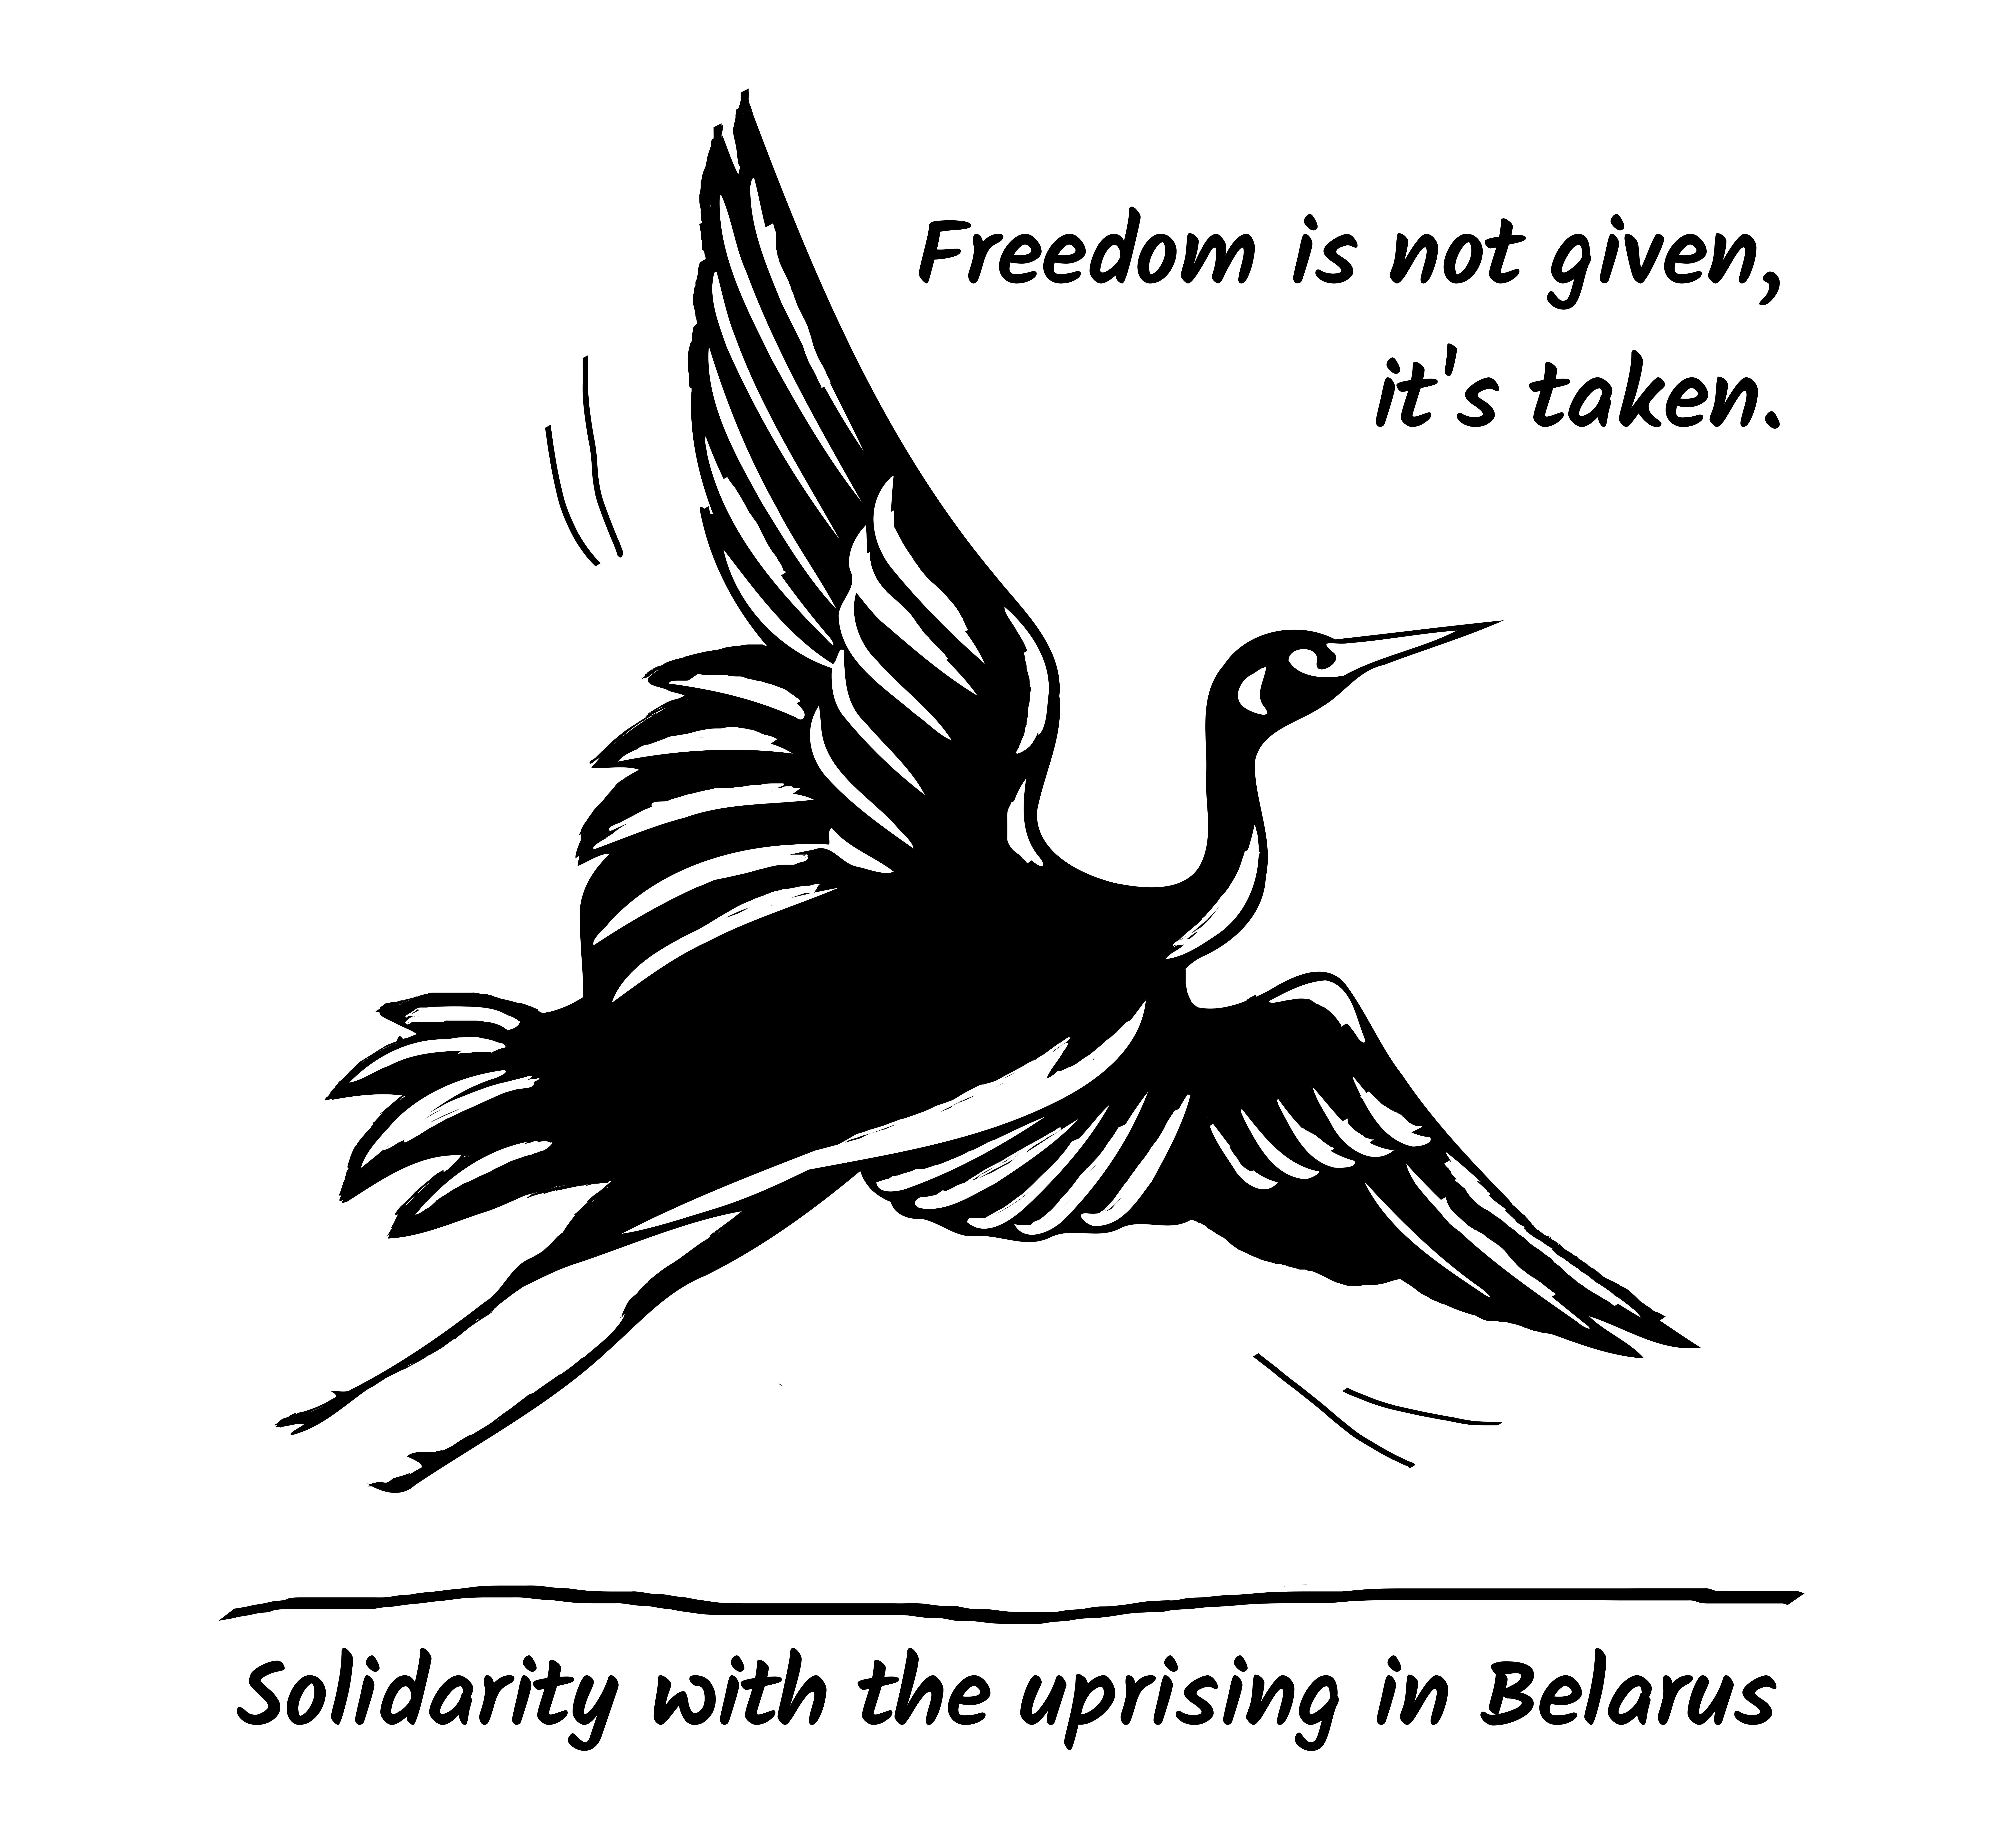 Vortrag & Diskussion zum Aufstand in Belarus